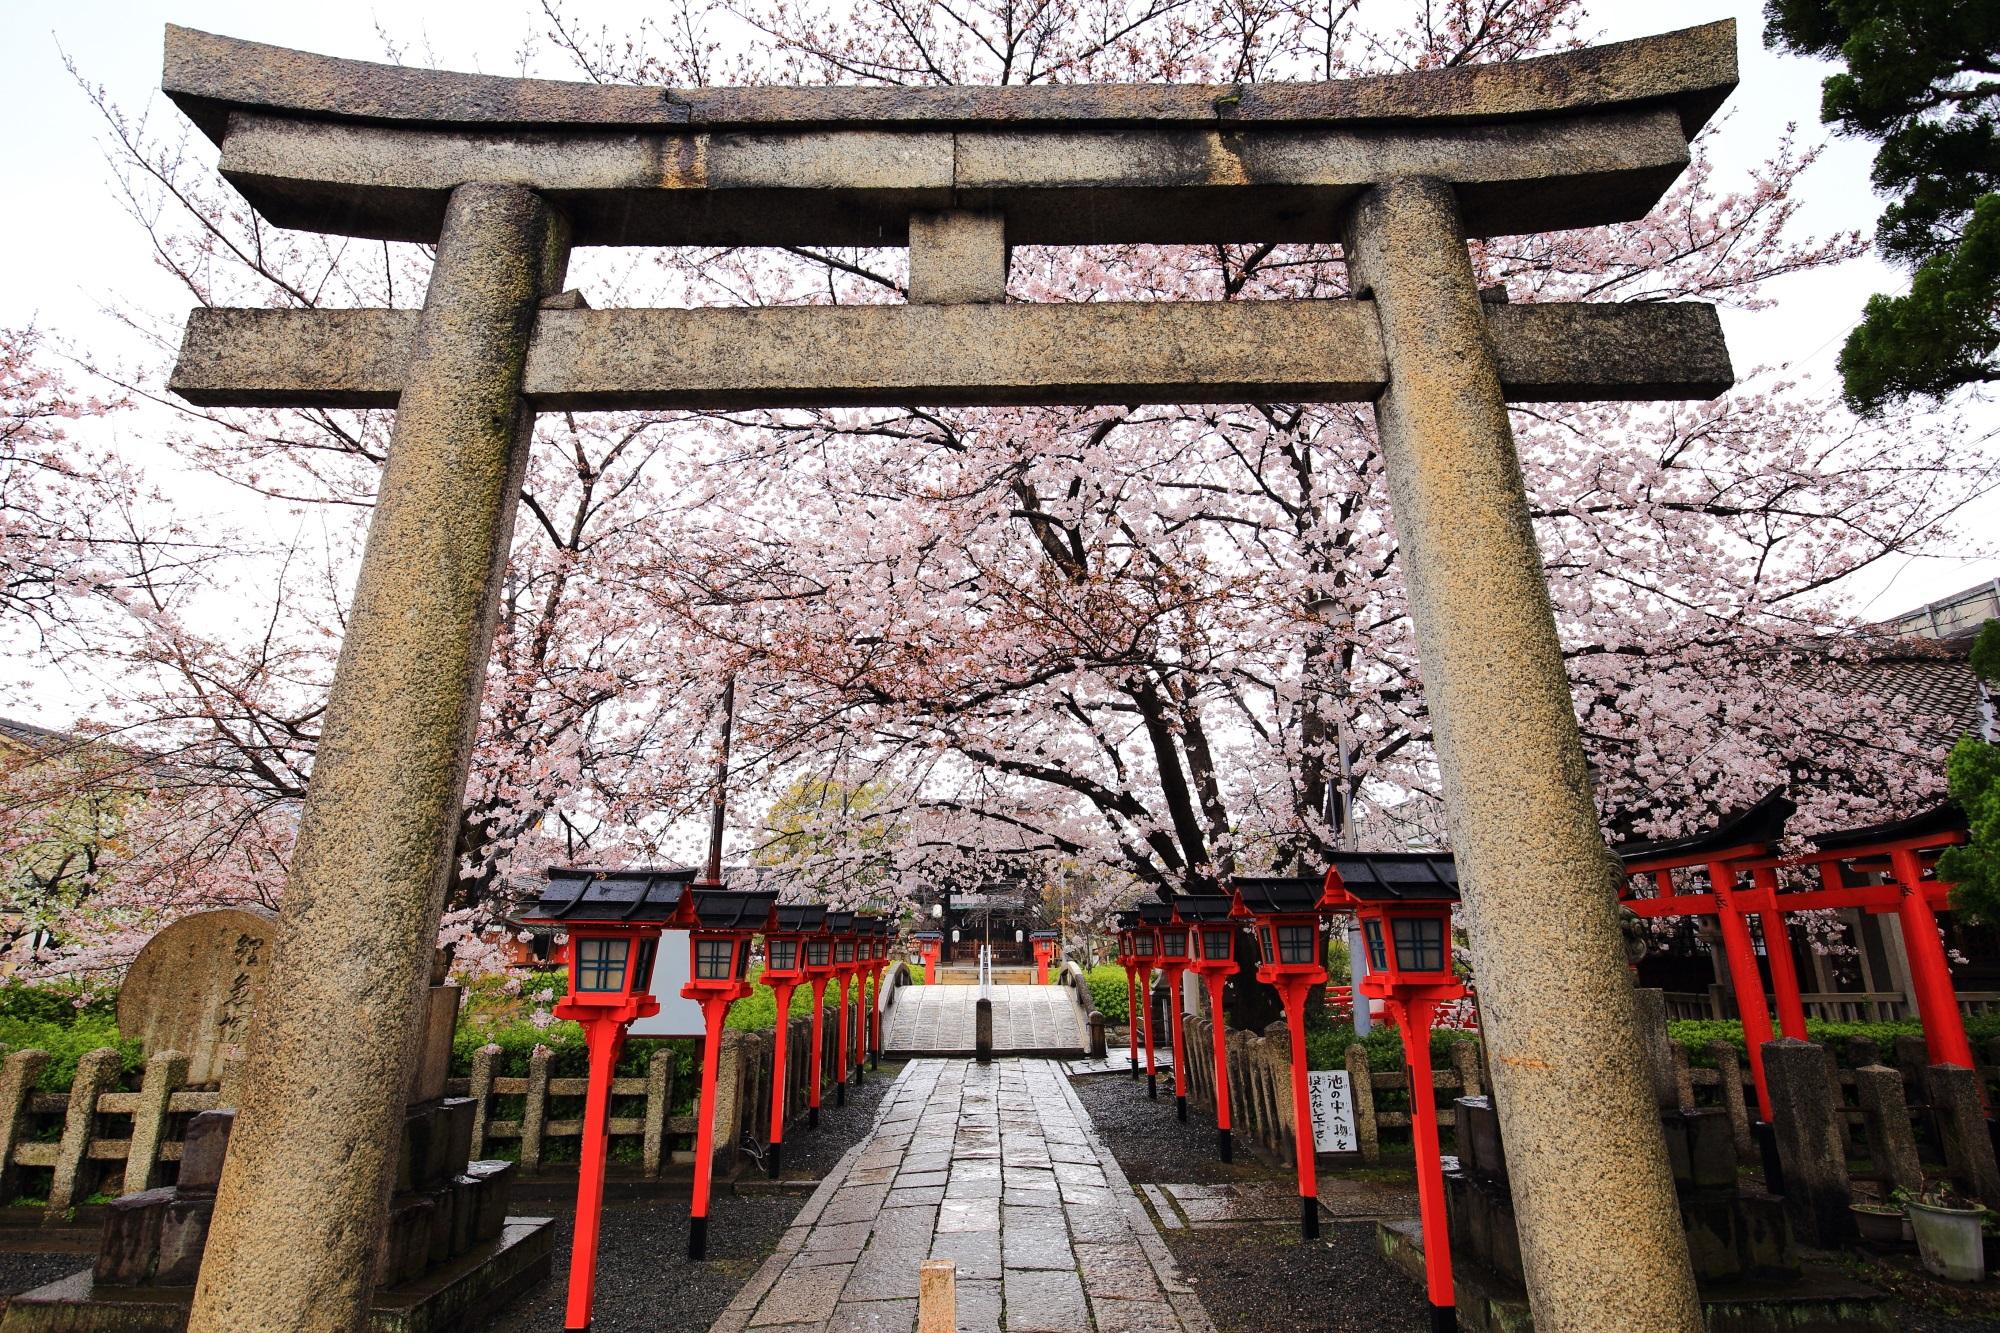 やはりこの眺めは青空で見たかった鳥居から広がる桜